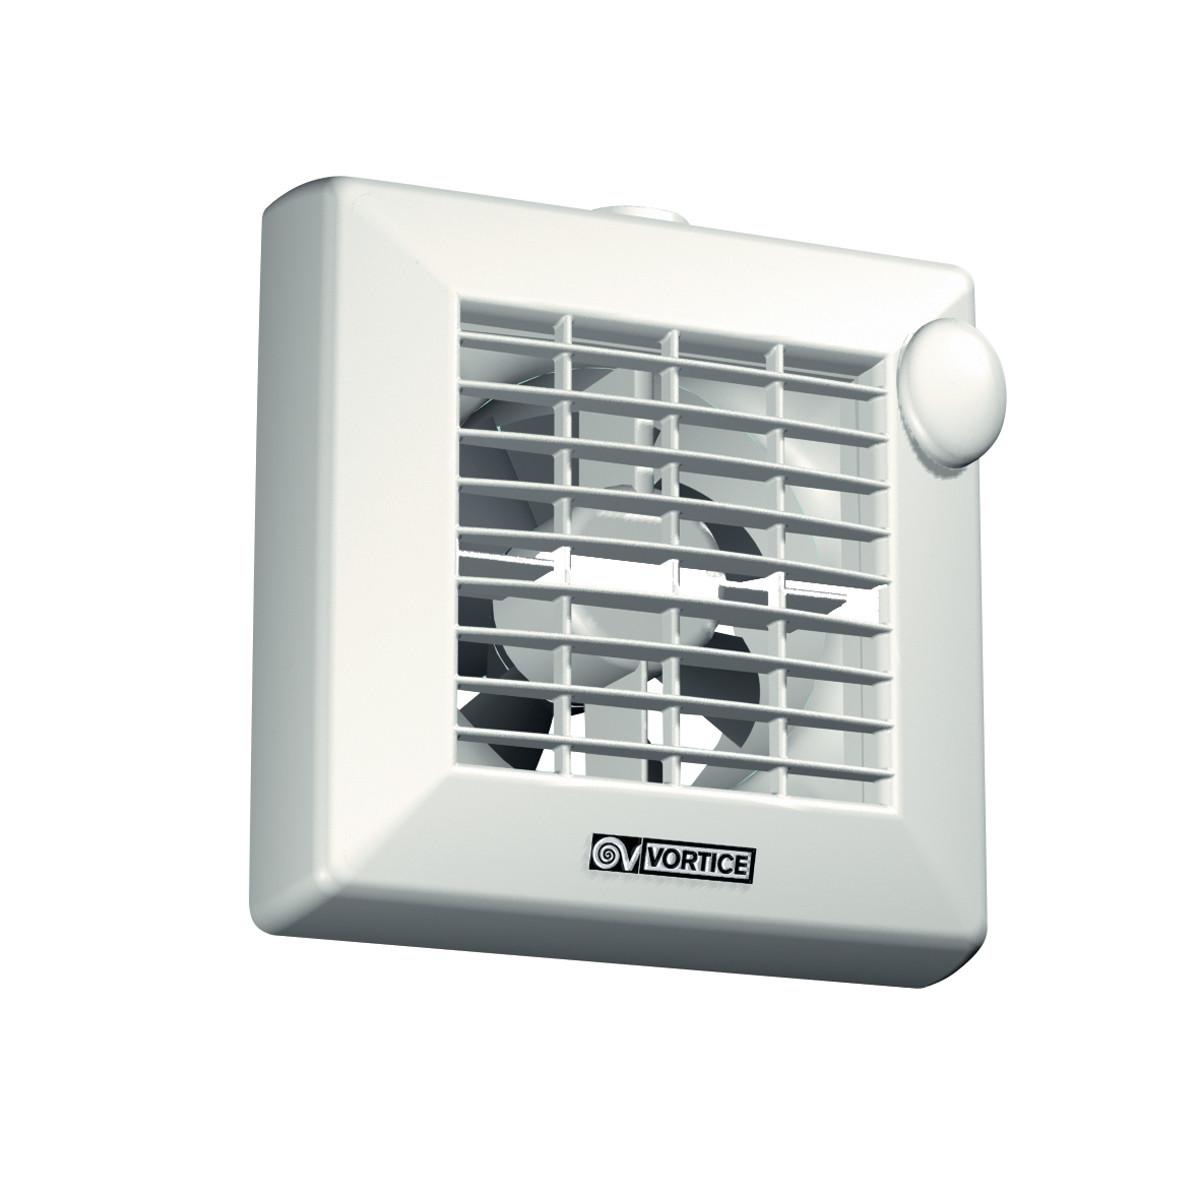 Vortice aspiratore elicoidale vario 150 6 ar 12612 - Aspiratore da cucina ...